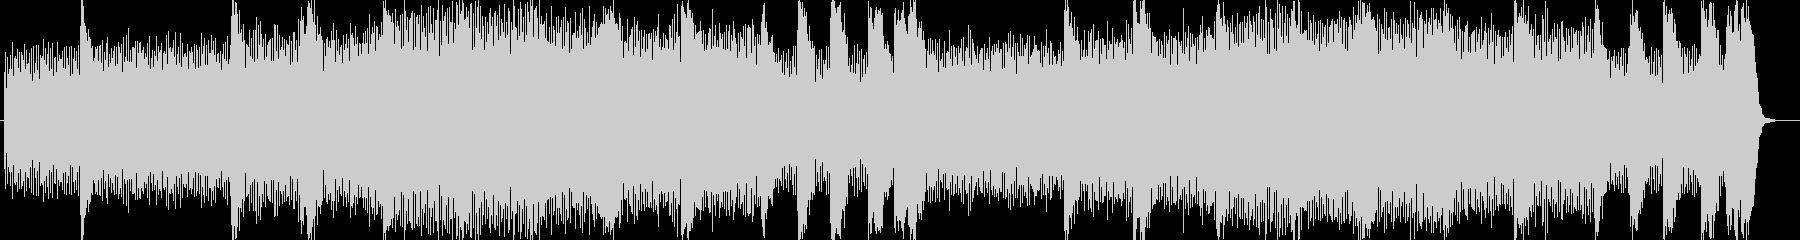 盛大なオープニングのシンセサイザー曲の未再生の波形